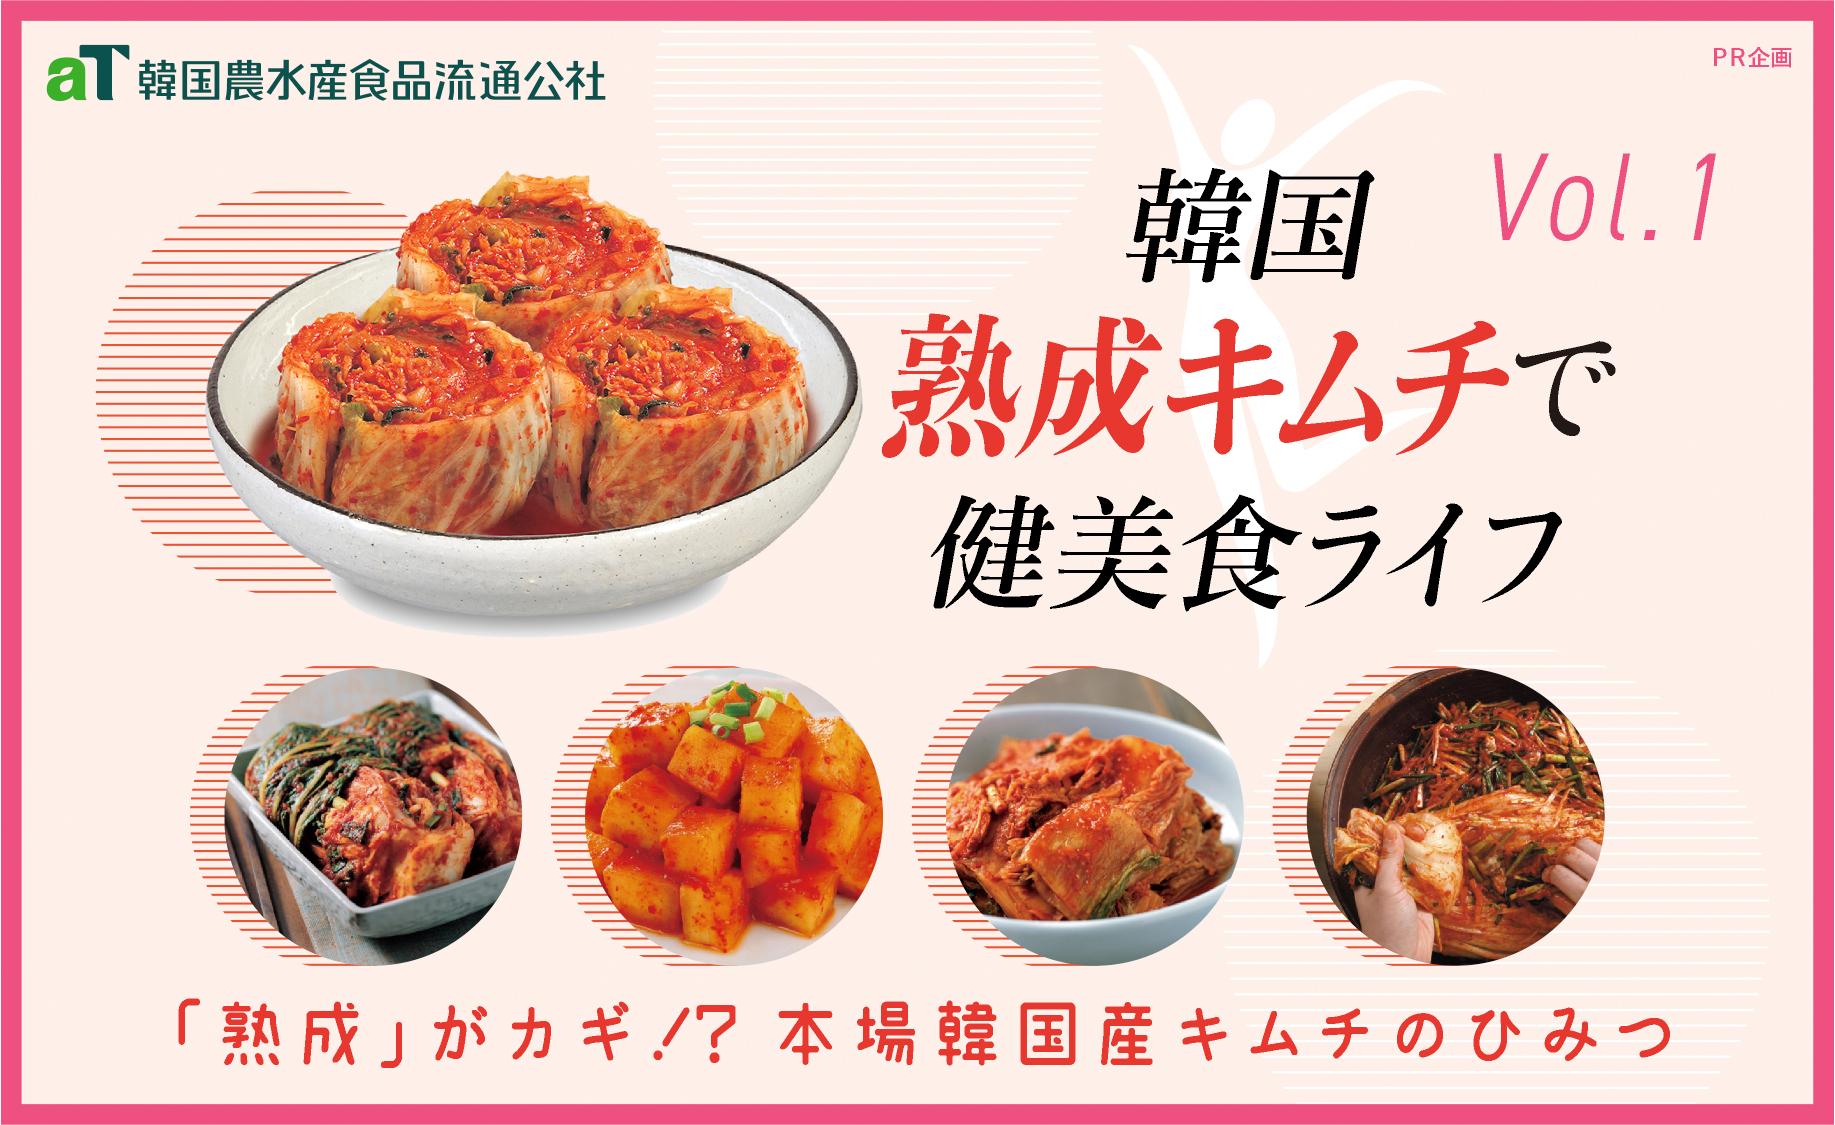 韓国 熟成キムチで 健美食ライフ Vol.1 「熟成」がカギ!? 本場韓国産キムチのひみつ